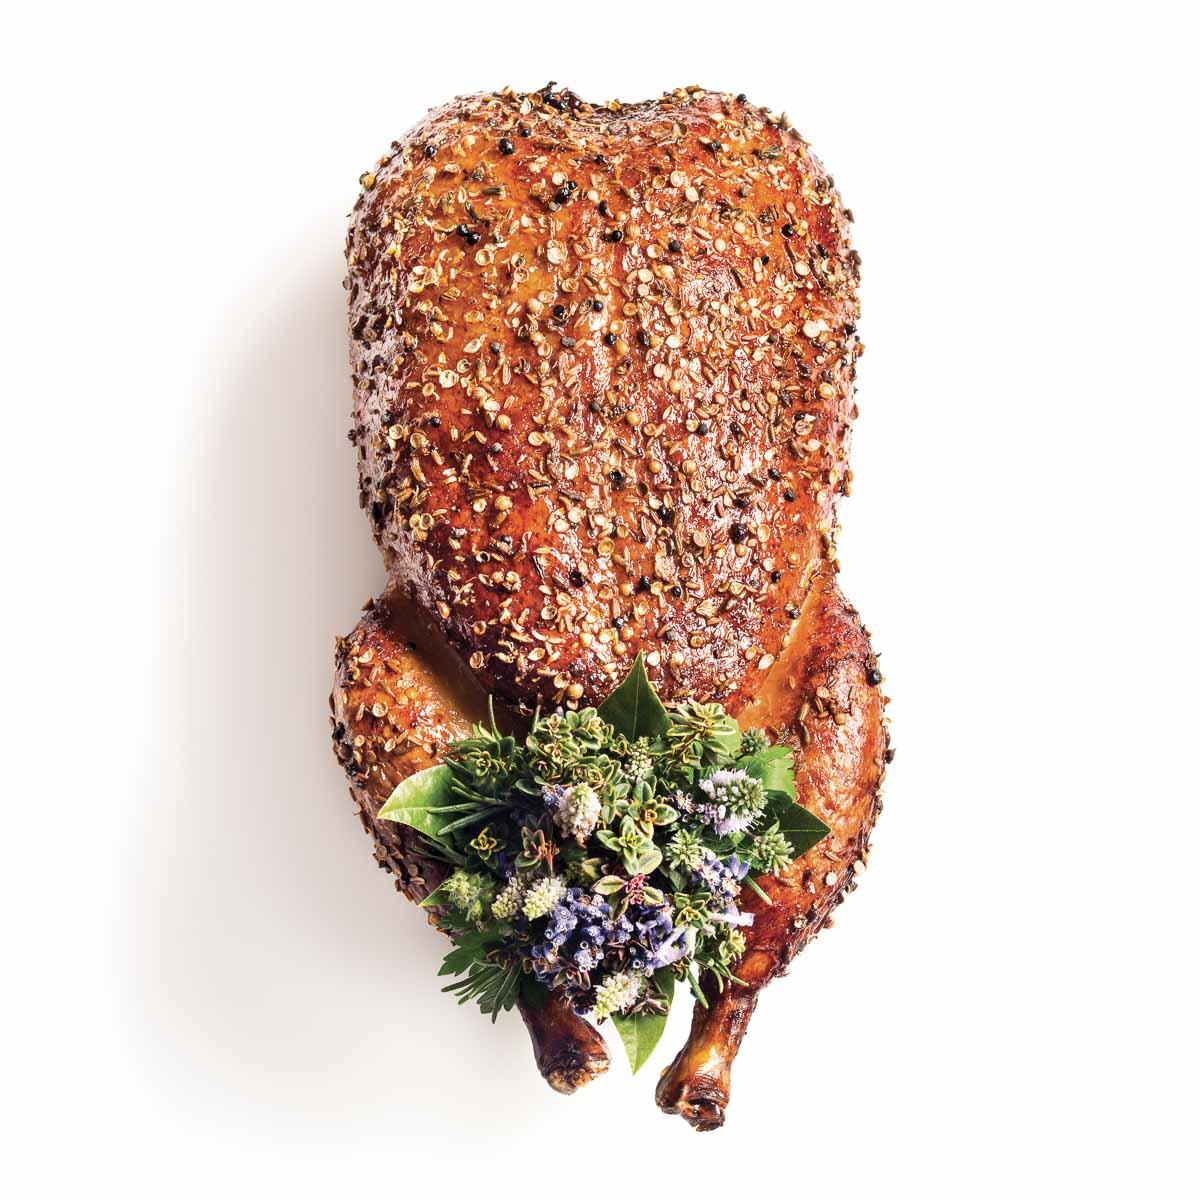 Honigglasierte Ente von Daniel Humm